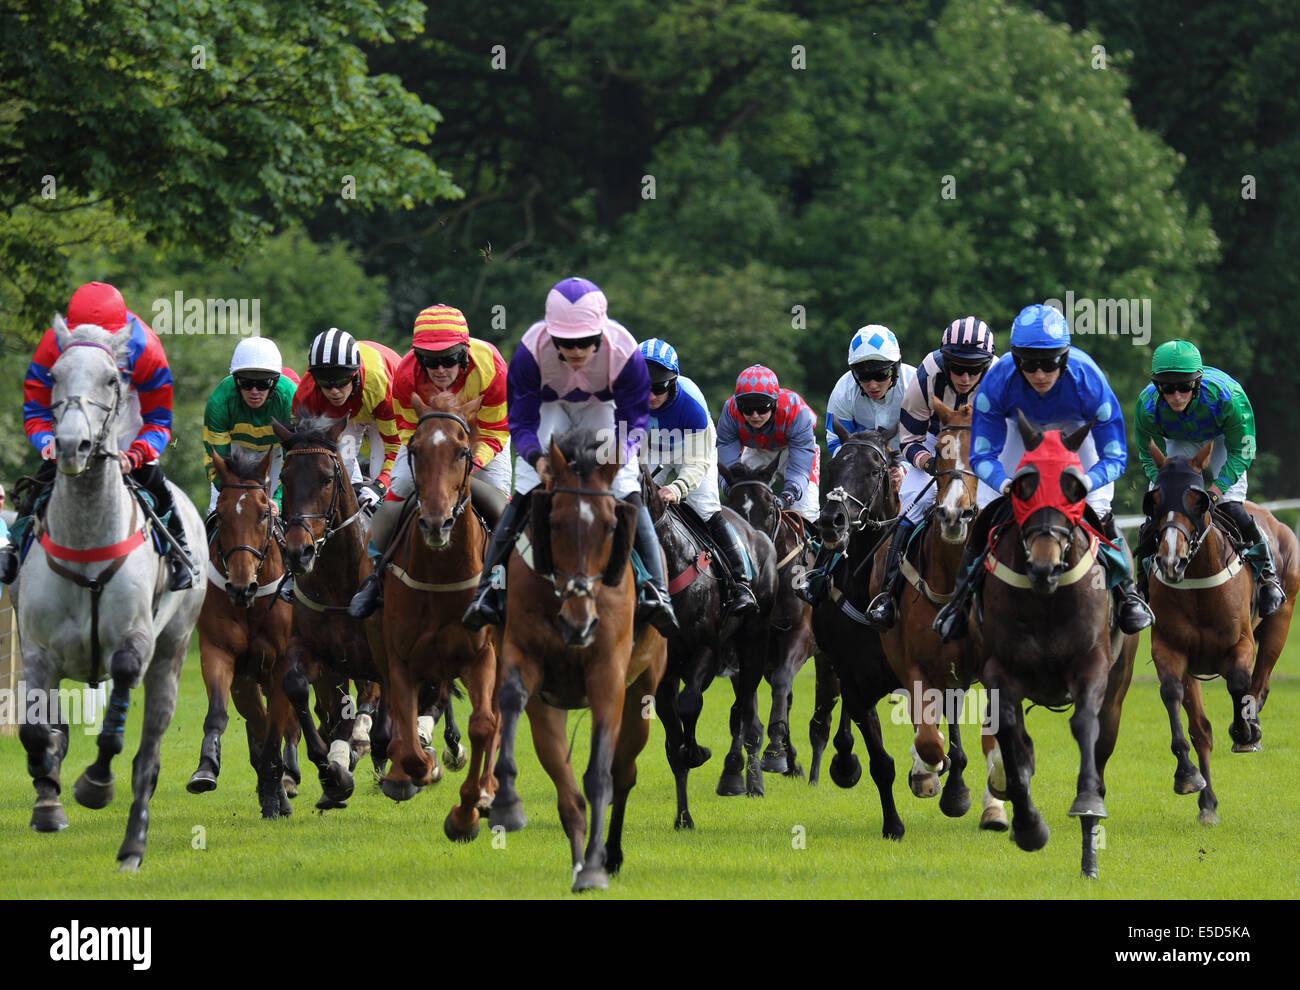 Race horses and jockeys at Cartmel races - Stock Image